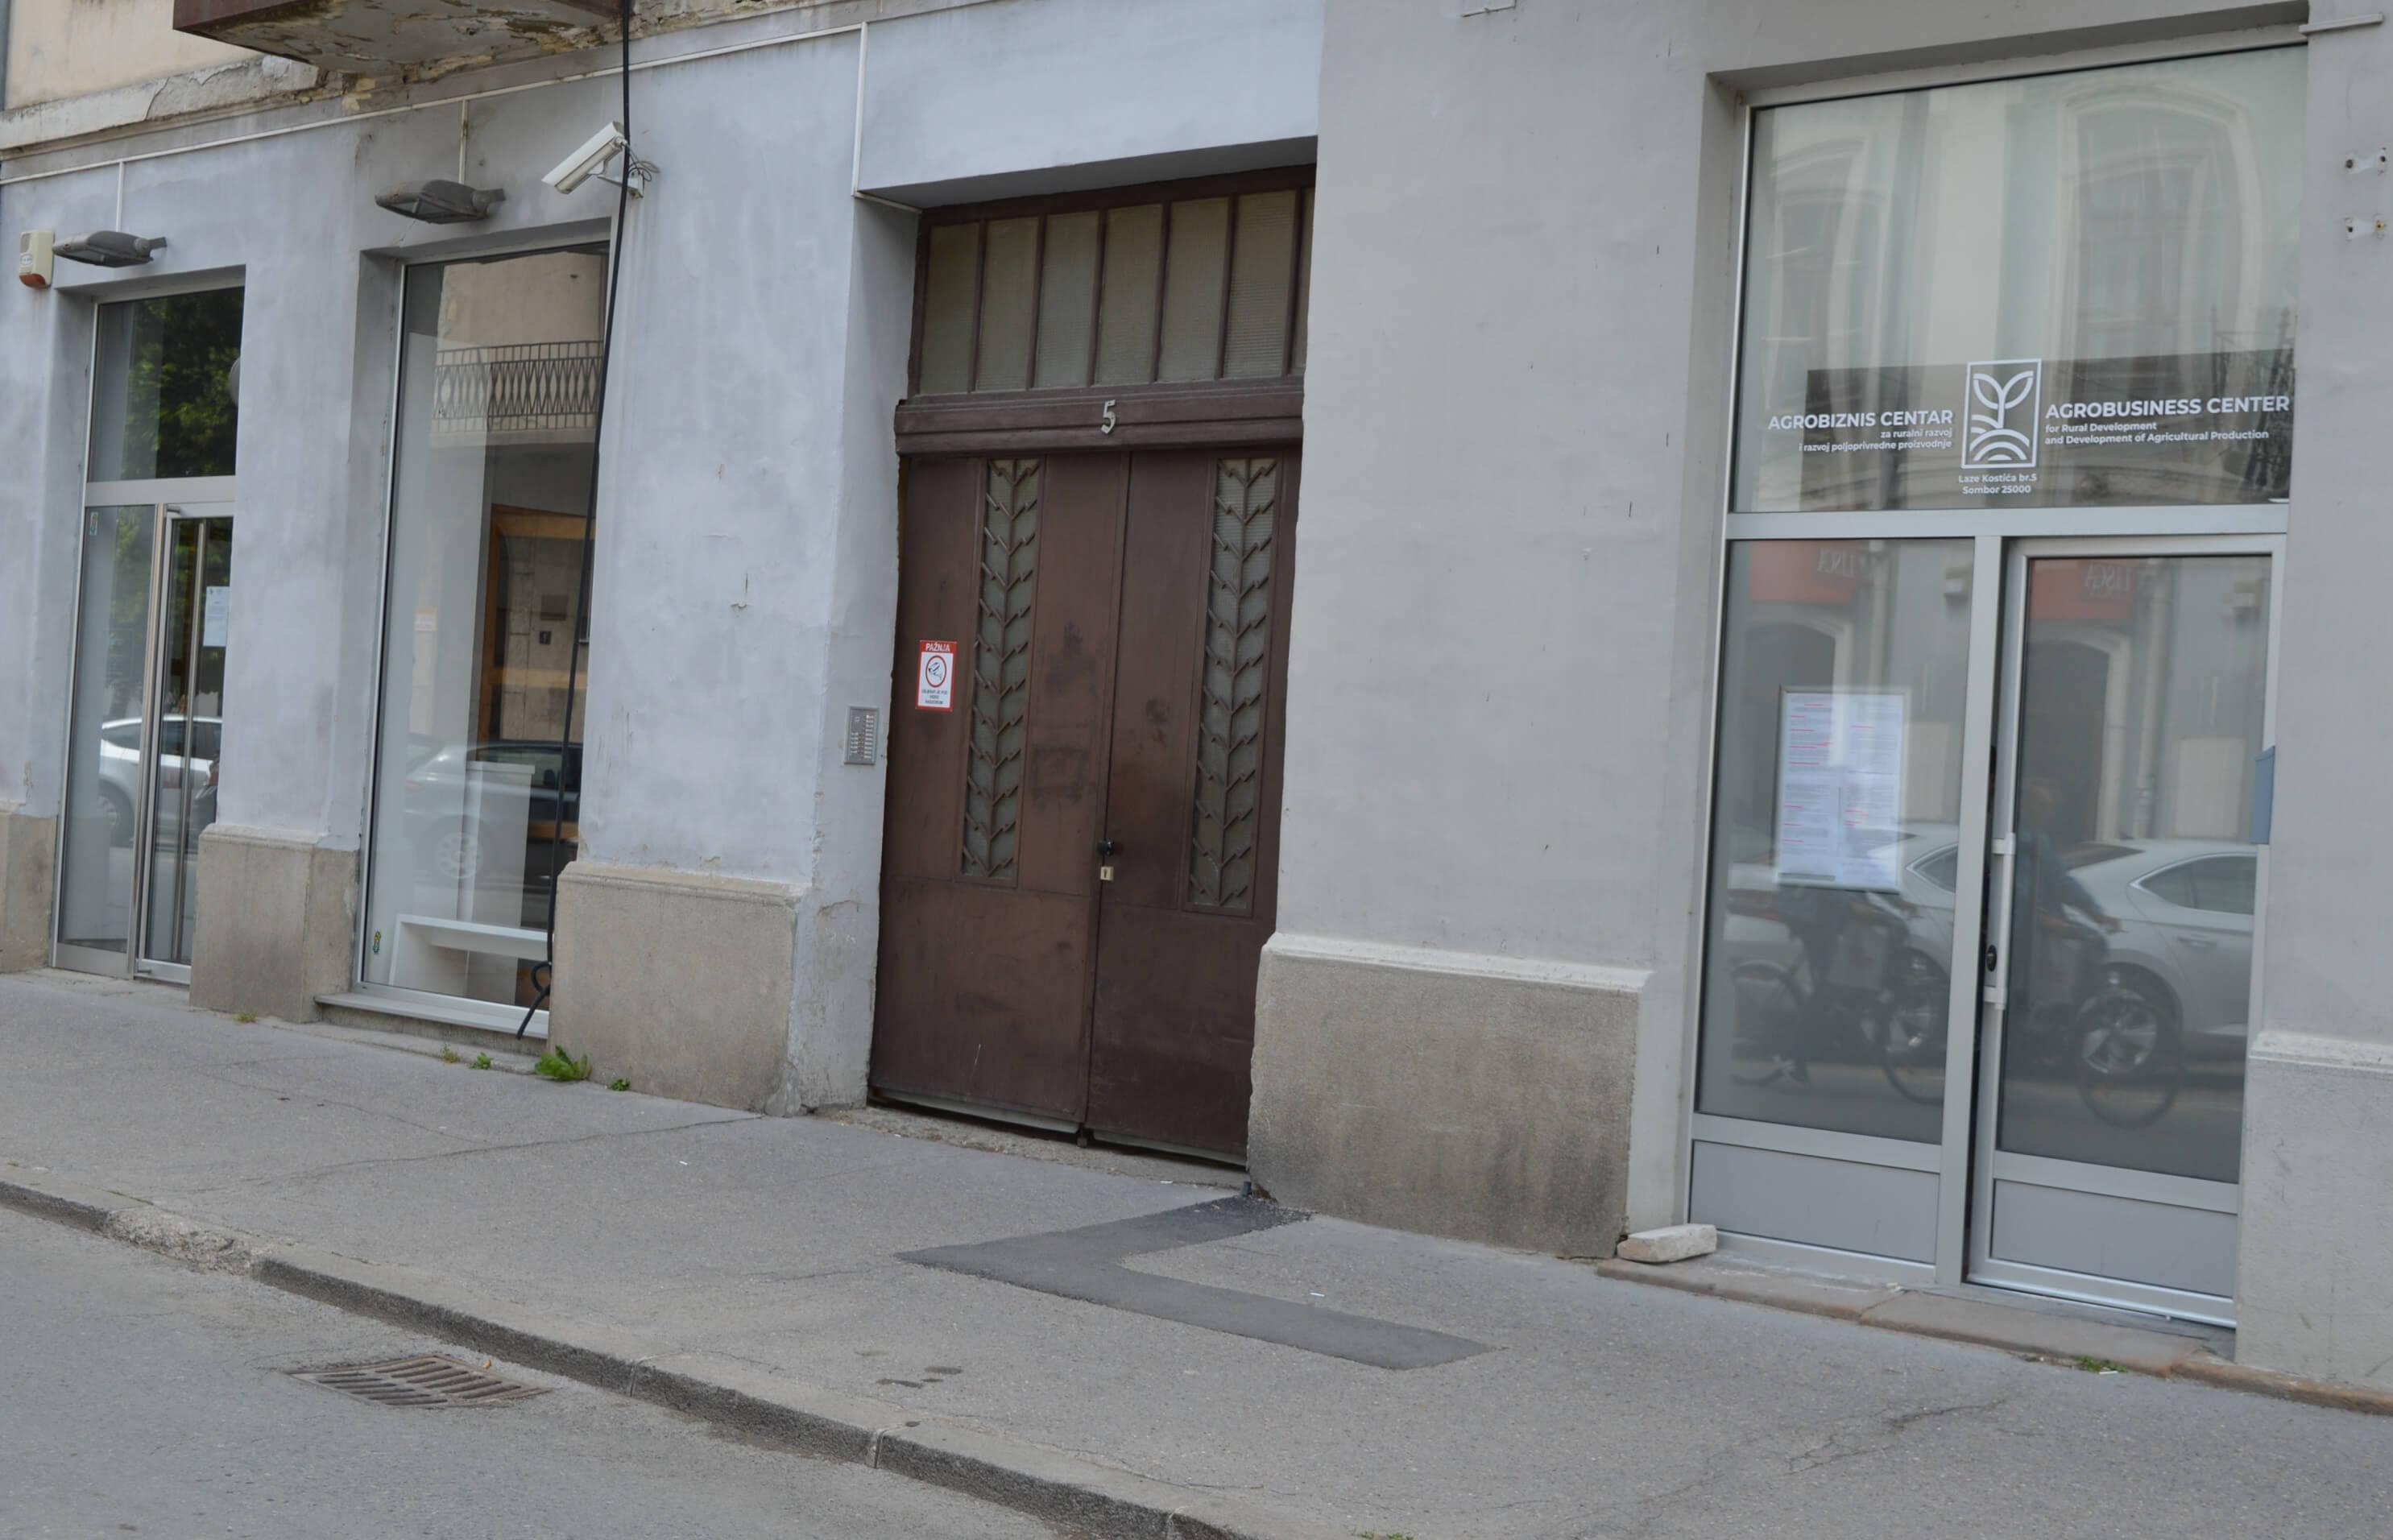 Агробизнис центар налази се у улици Лазе Костића број 5 у Сомбору